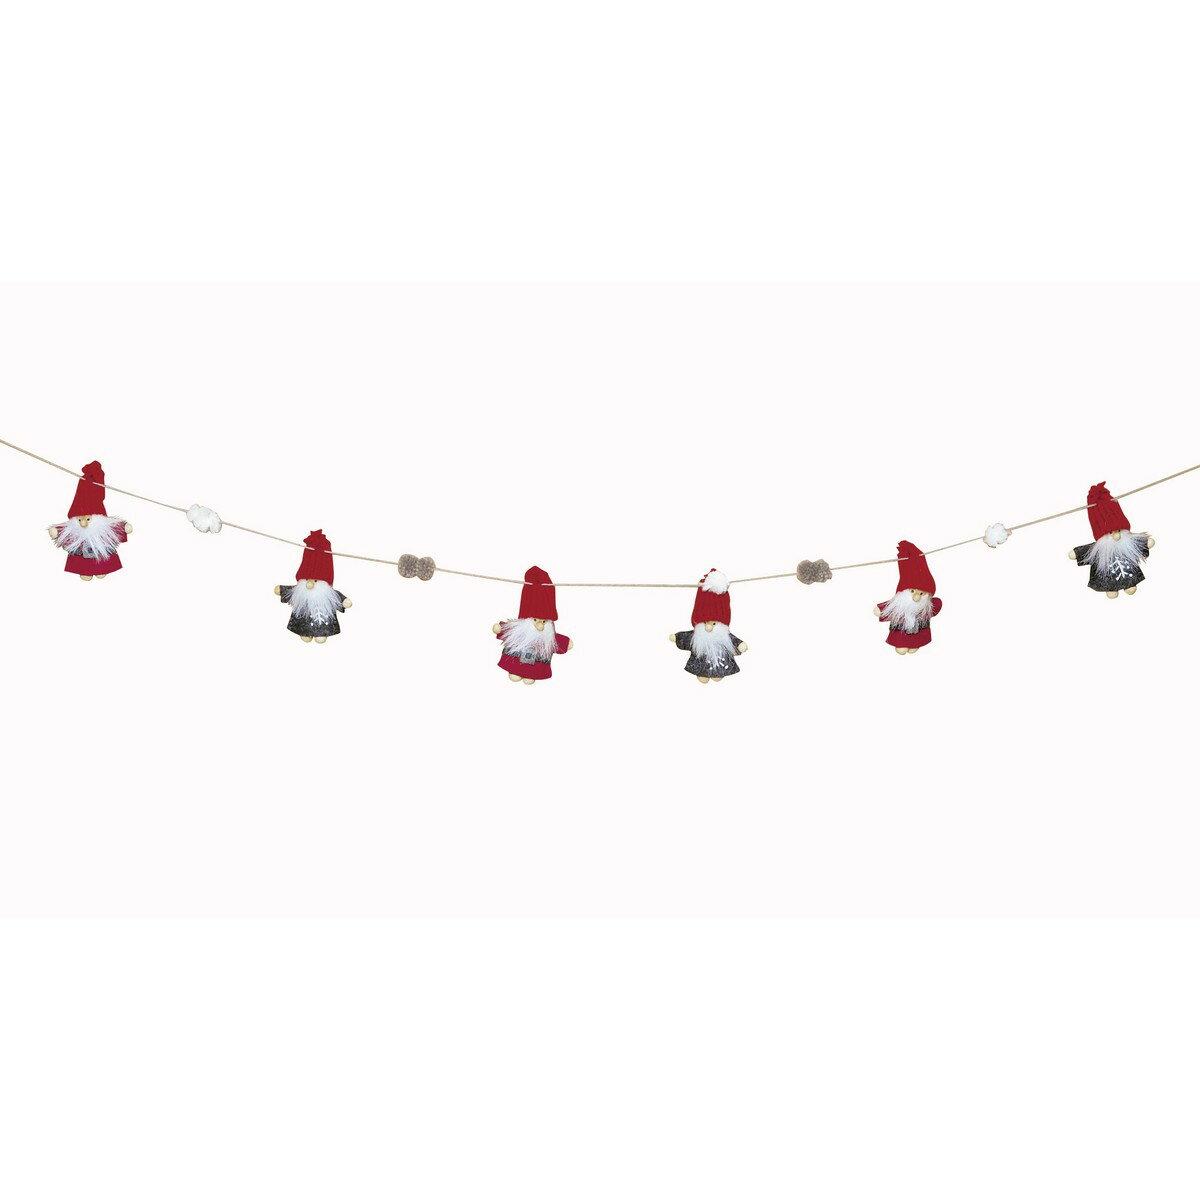 AMANO/ウッドフェルトウェアーサンタガーランド/MNM-2610【01】【取寄】《 ディスプレイ用品・インテリア クリスマス飾り ガーランド・チェーン 》